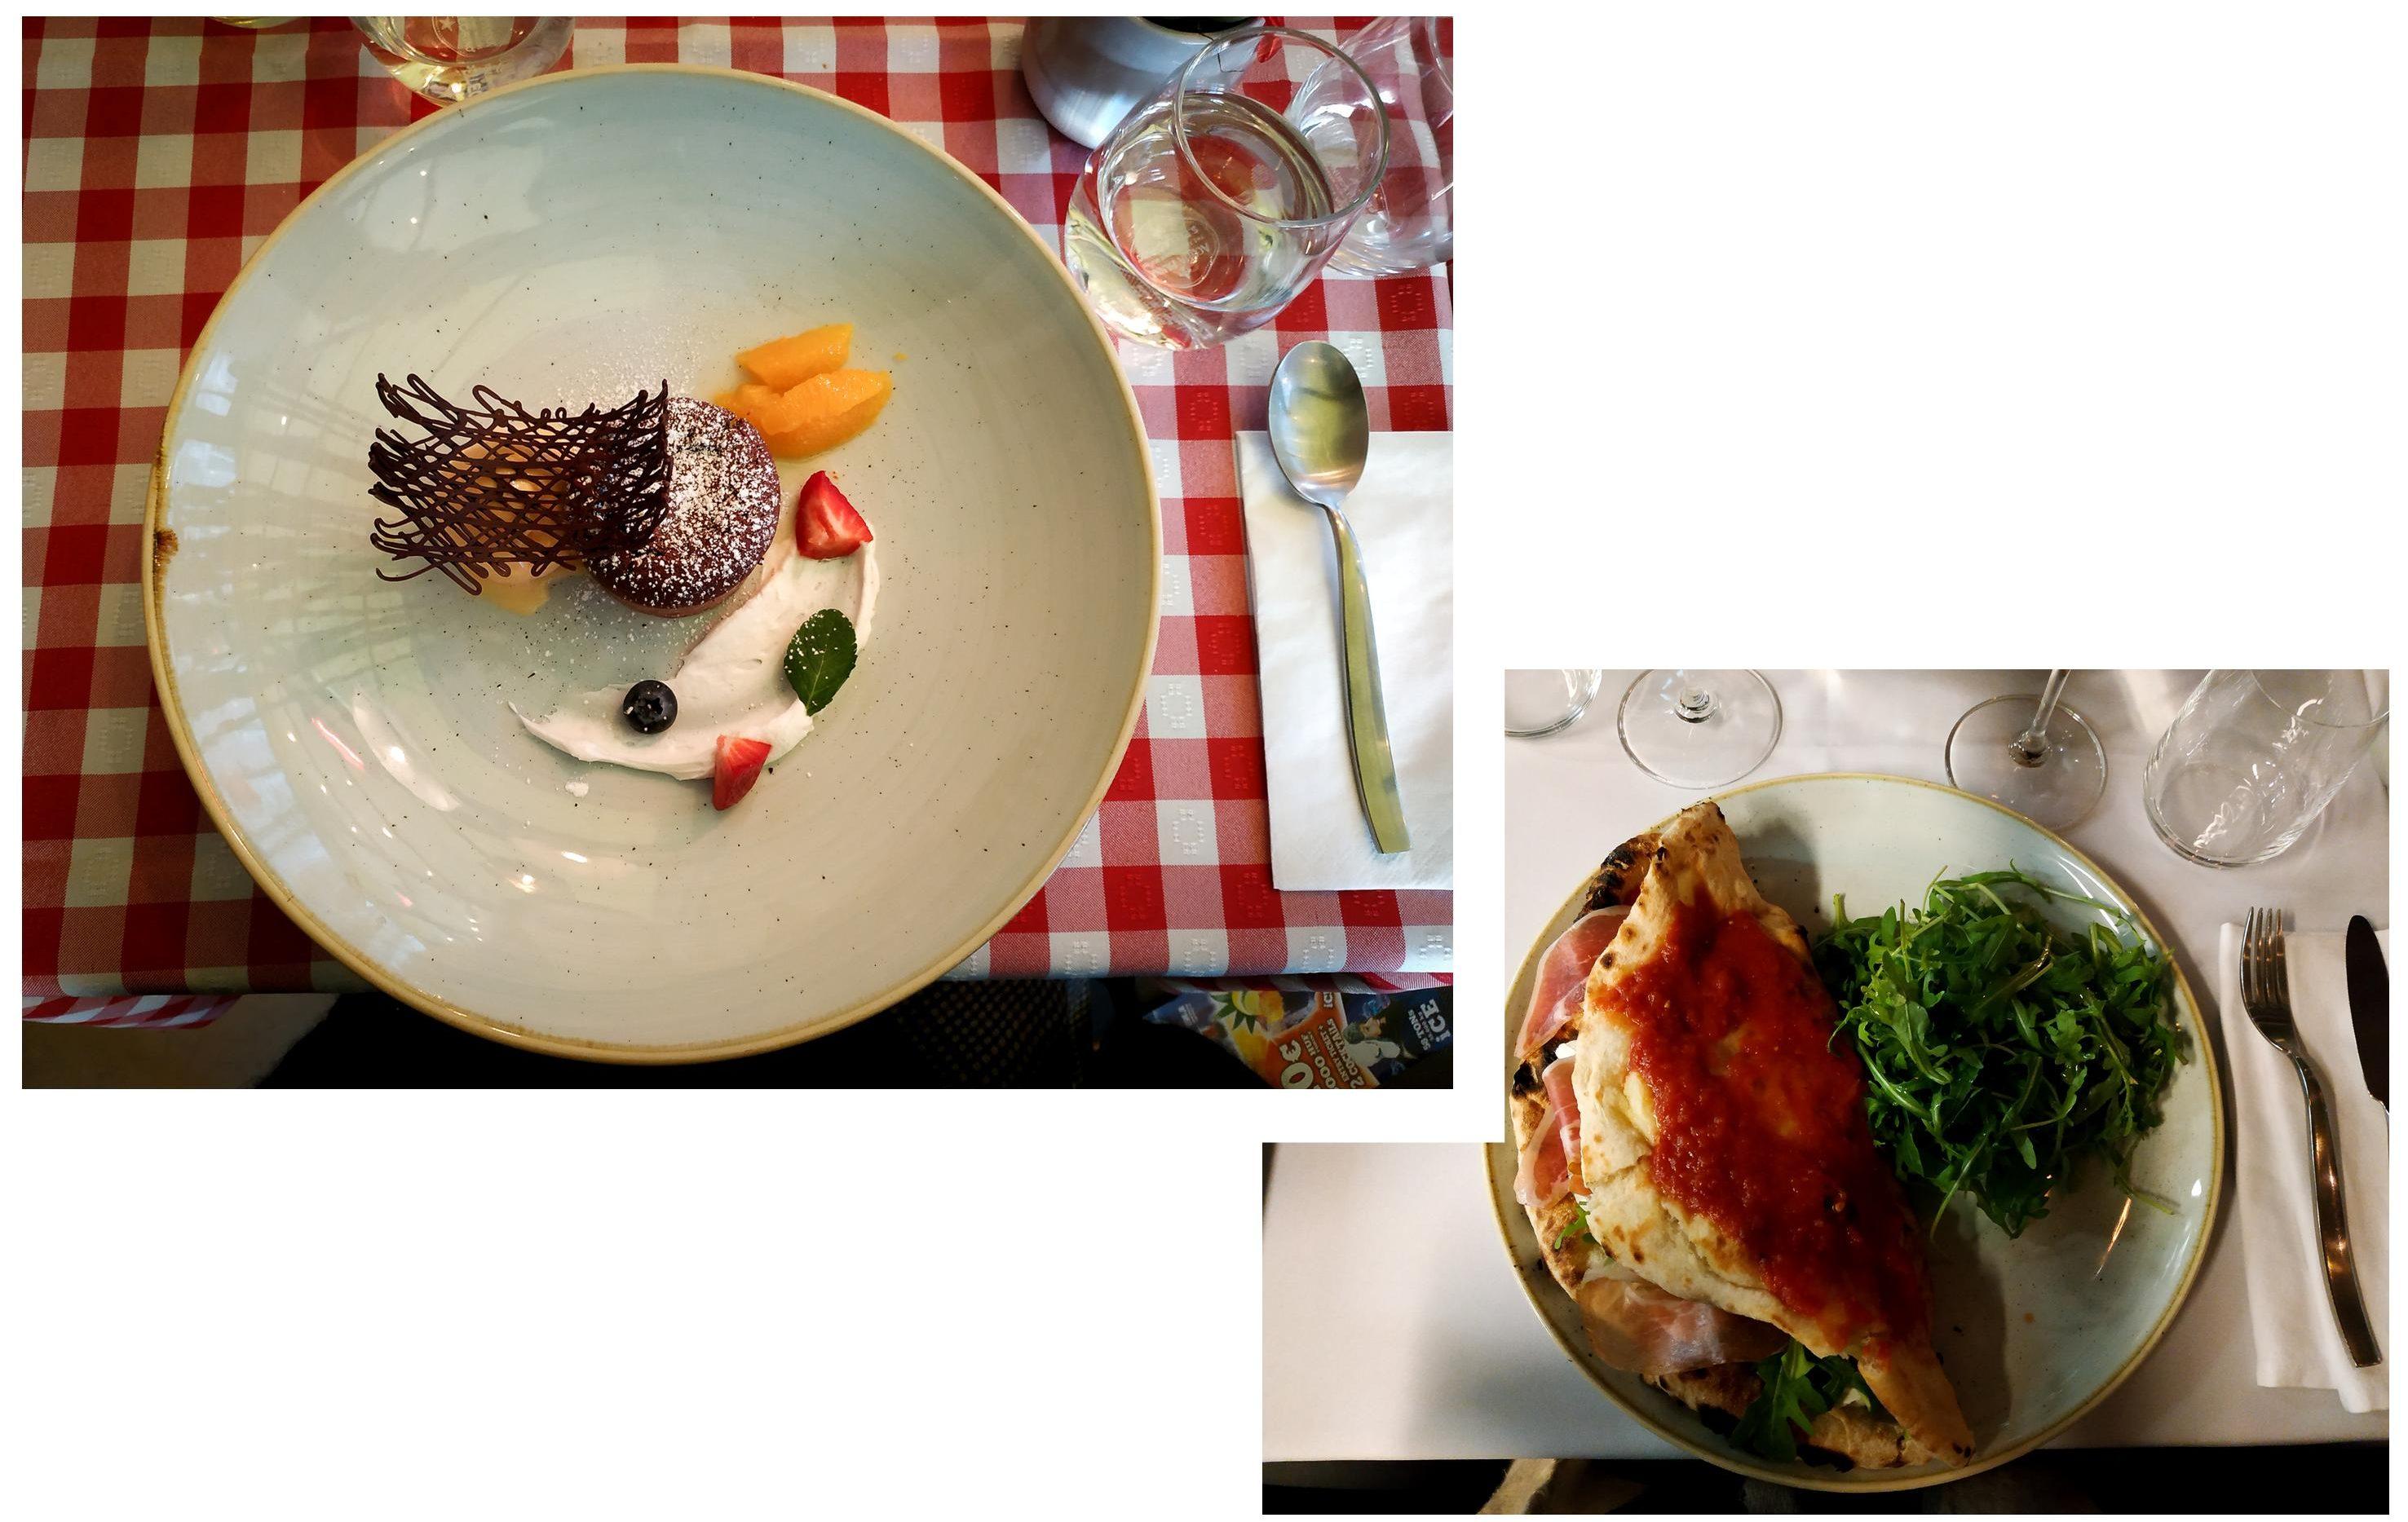 La Fabbrica (cuisine italienne) : Restaurants, bars, cafés, ... voici un petit guide des bonnes adresses à Budapest pour vous aider lors de votre séjour dans la capitale hongroise.